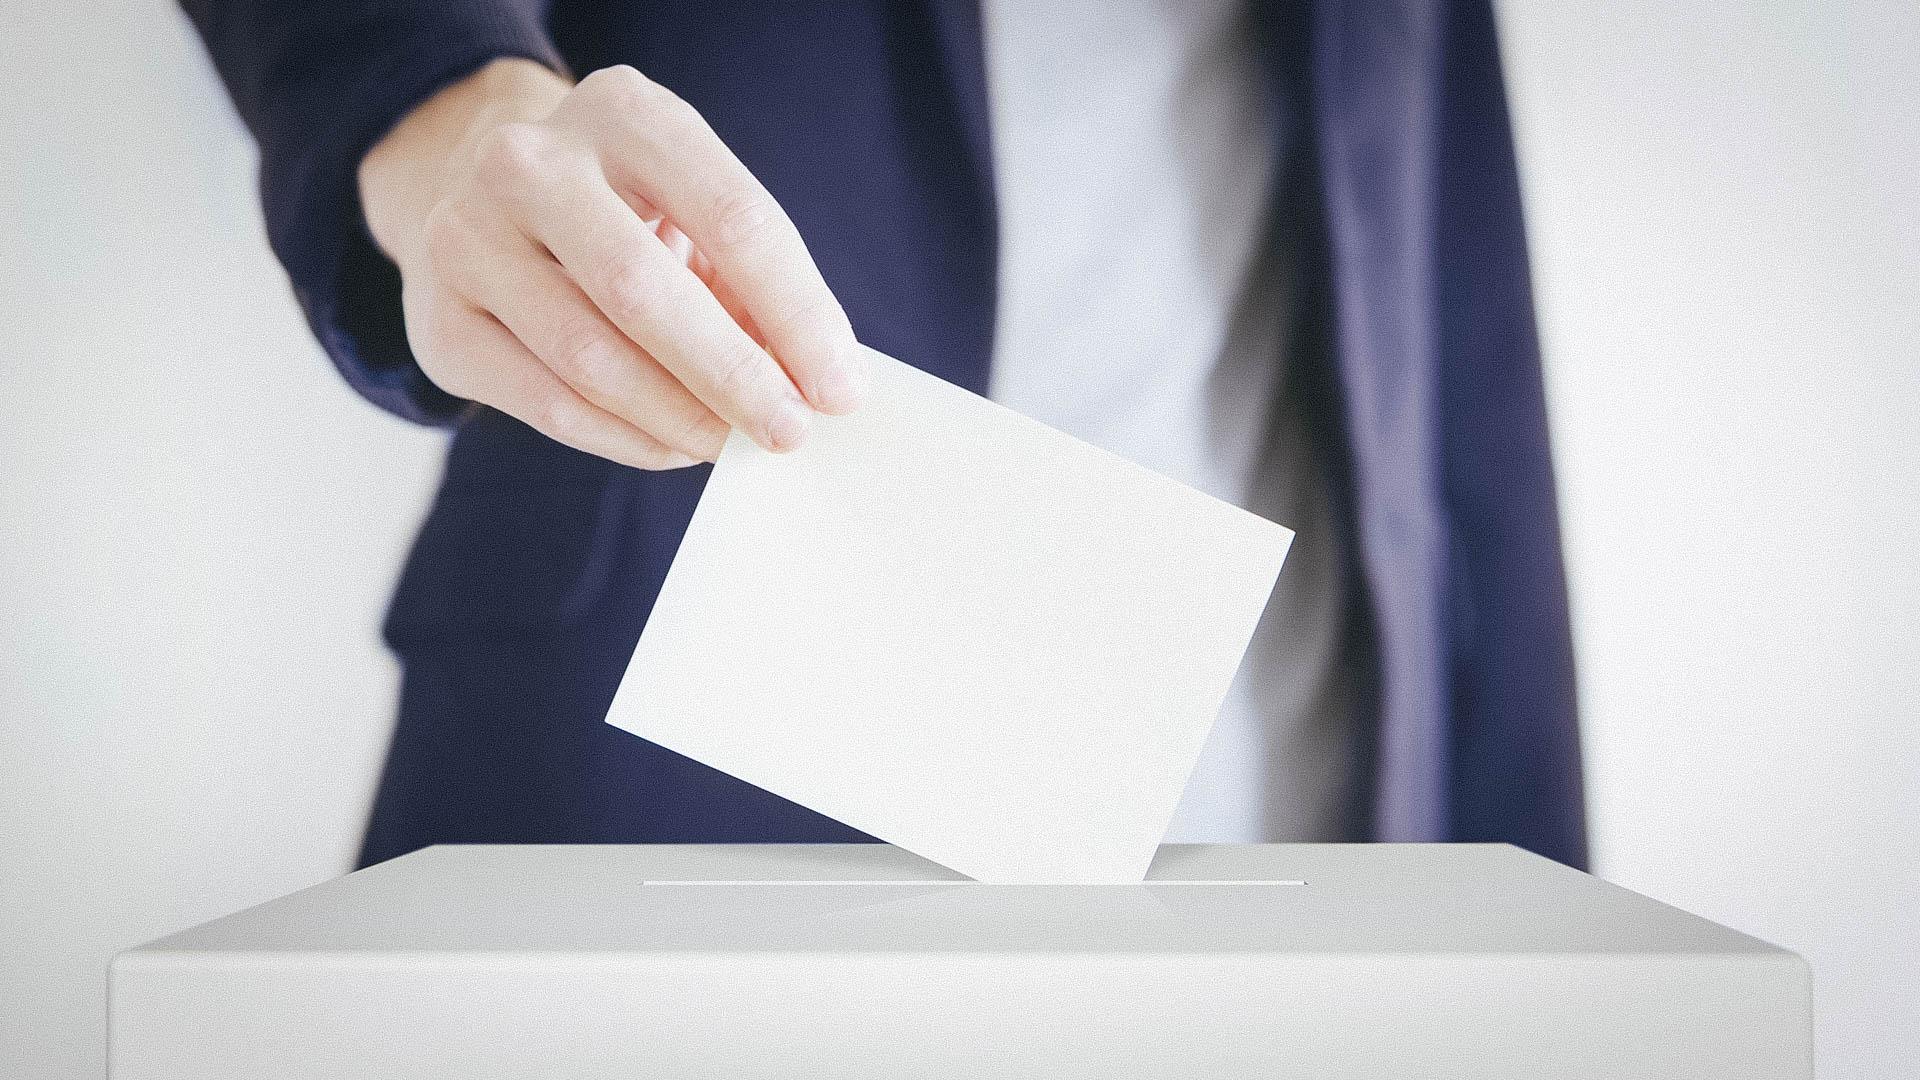 guia per anar a votar el 14f eleccions catalunya